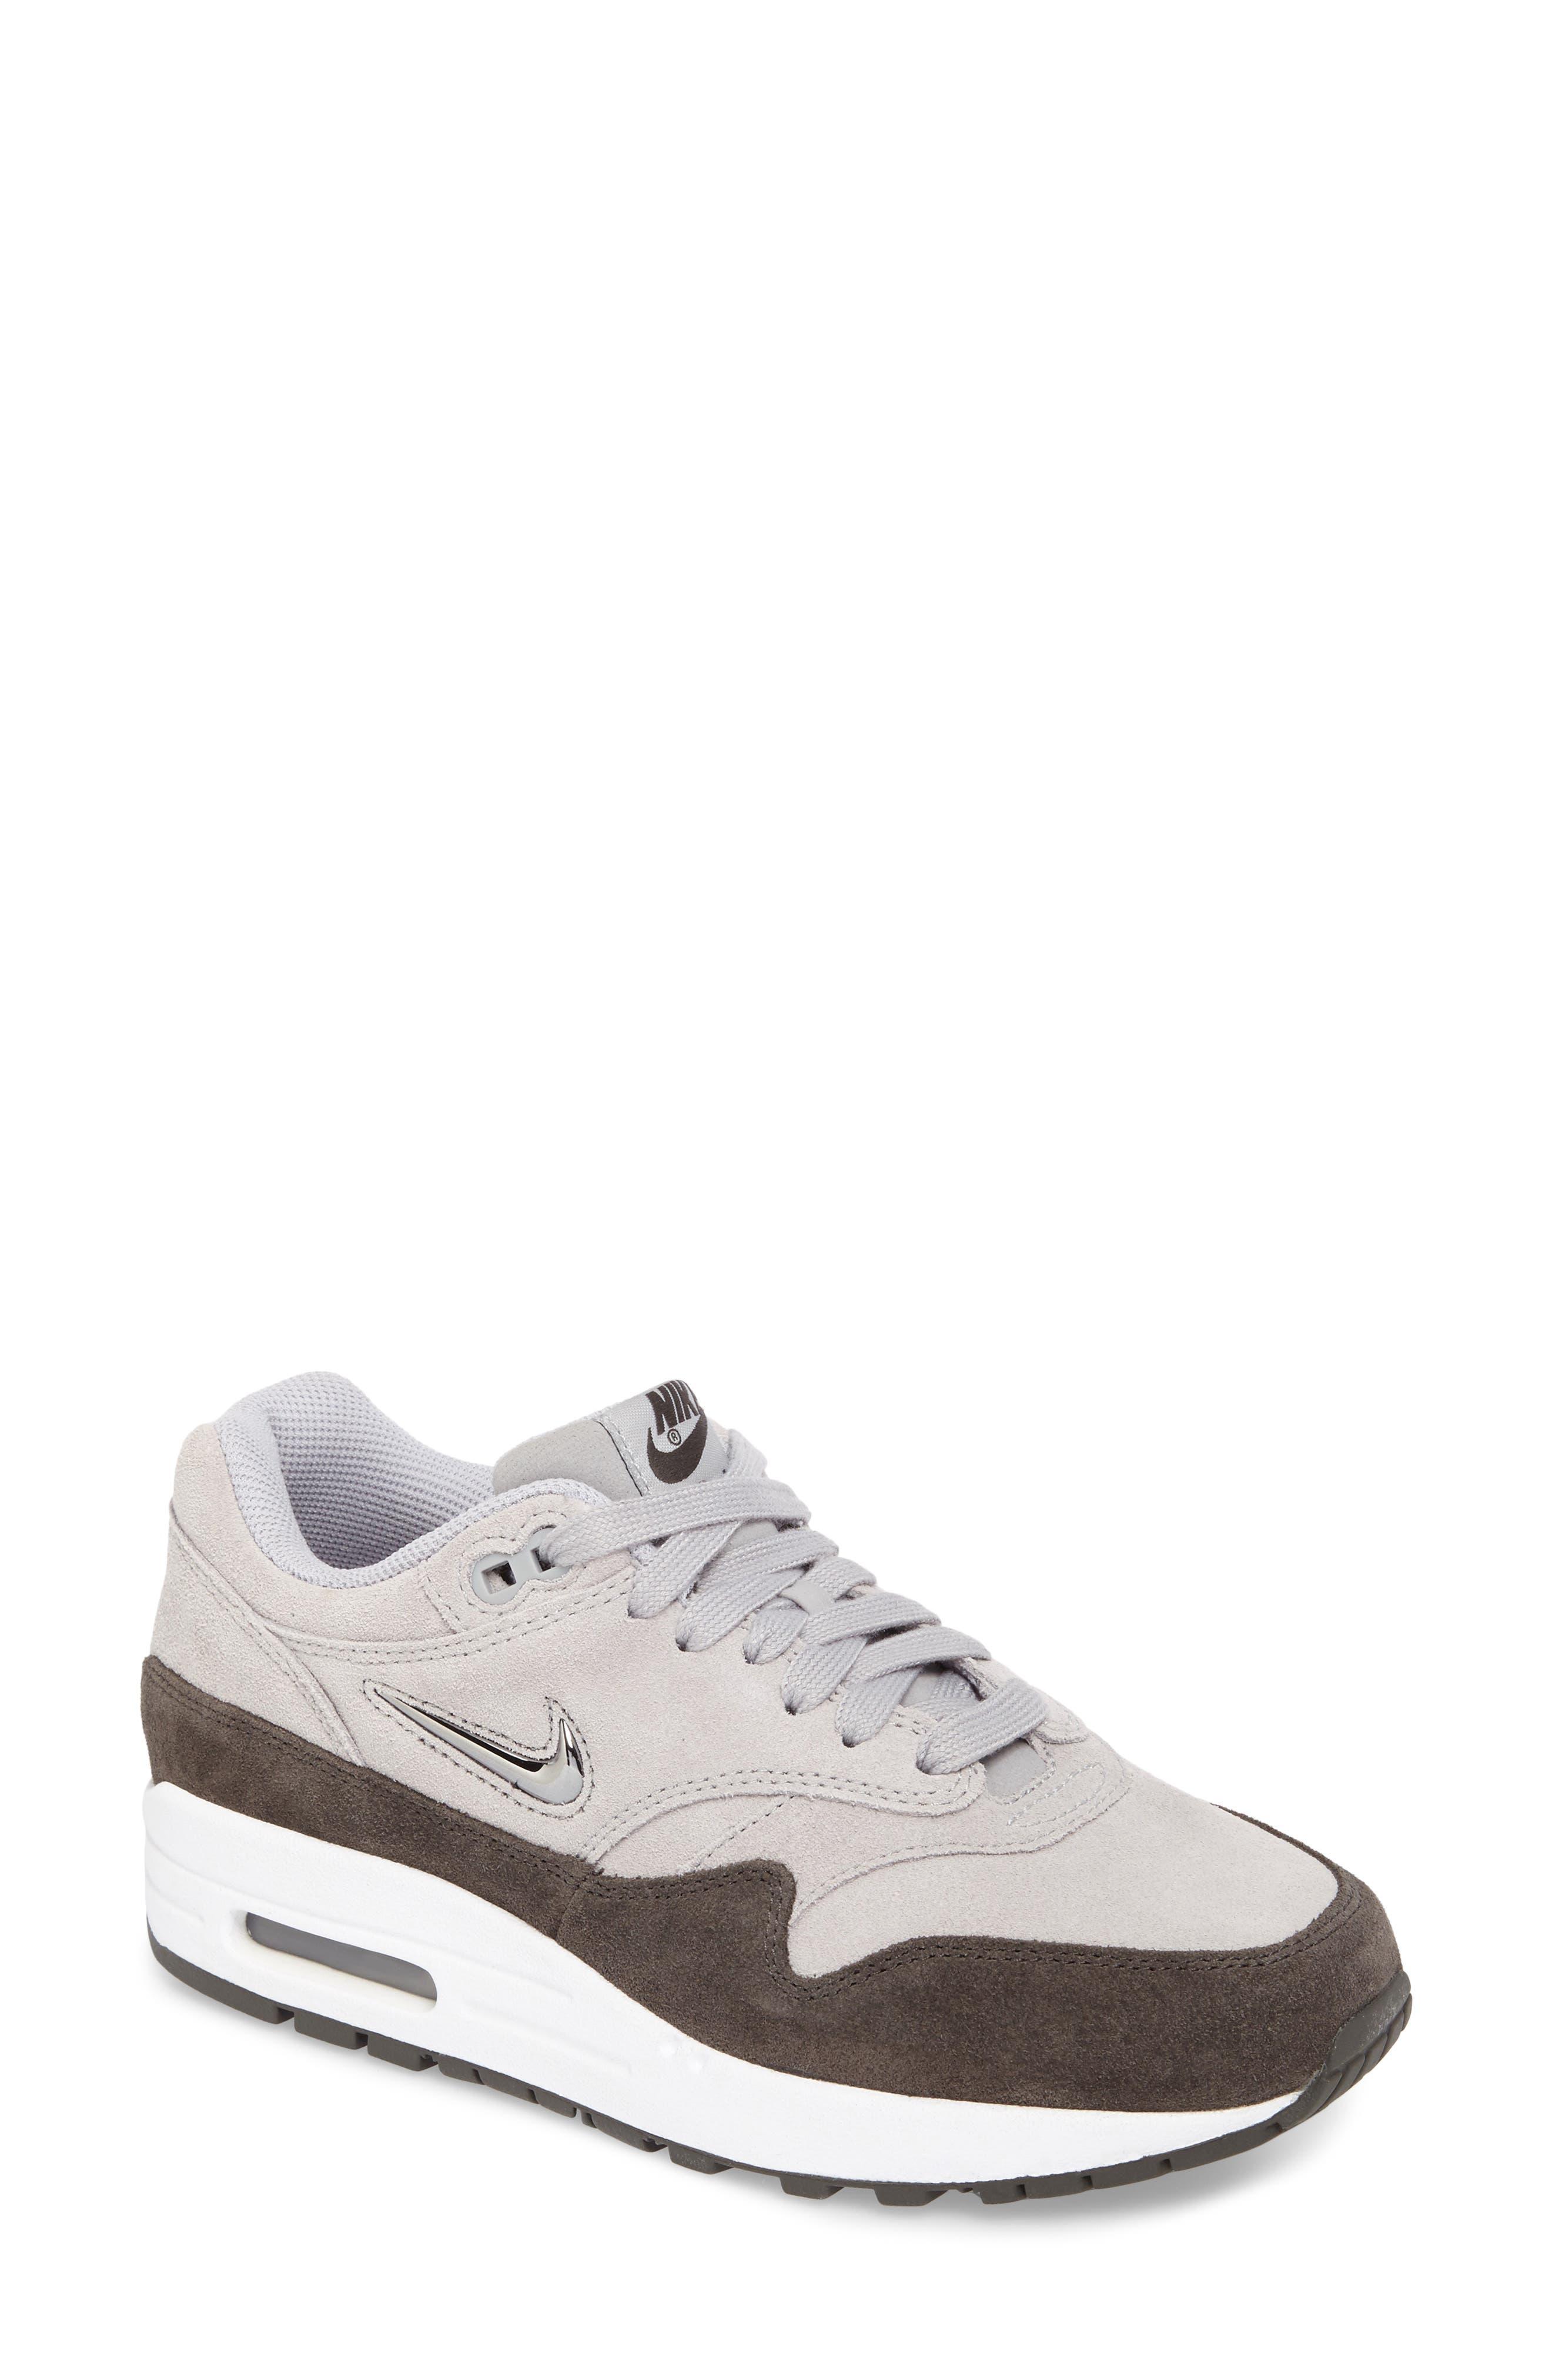 Air Max 1 Premium SC Sneaker,                         Main,                         color, 020